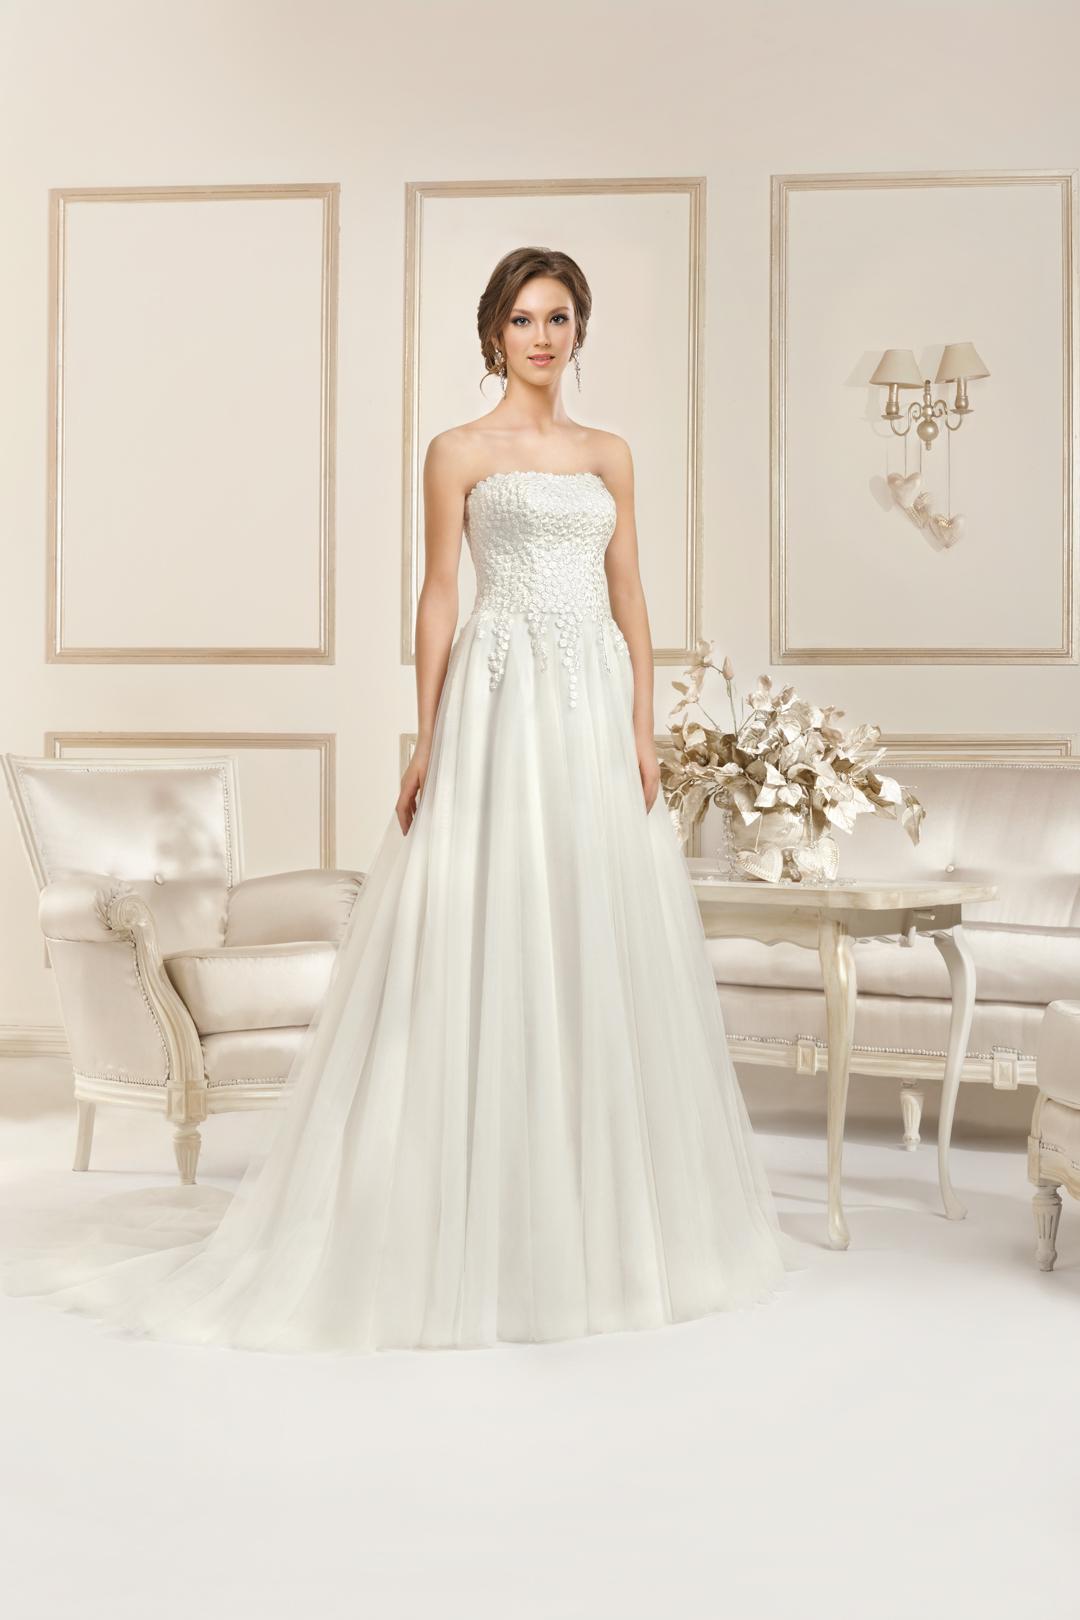 Hochzeitskleid Agnes Bridal Dream KA-17050T